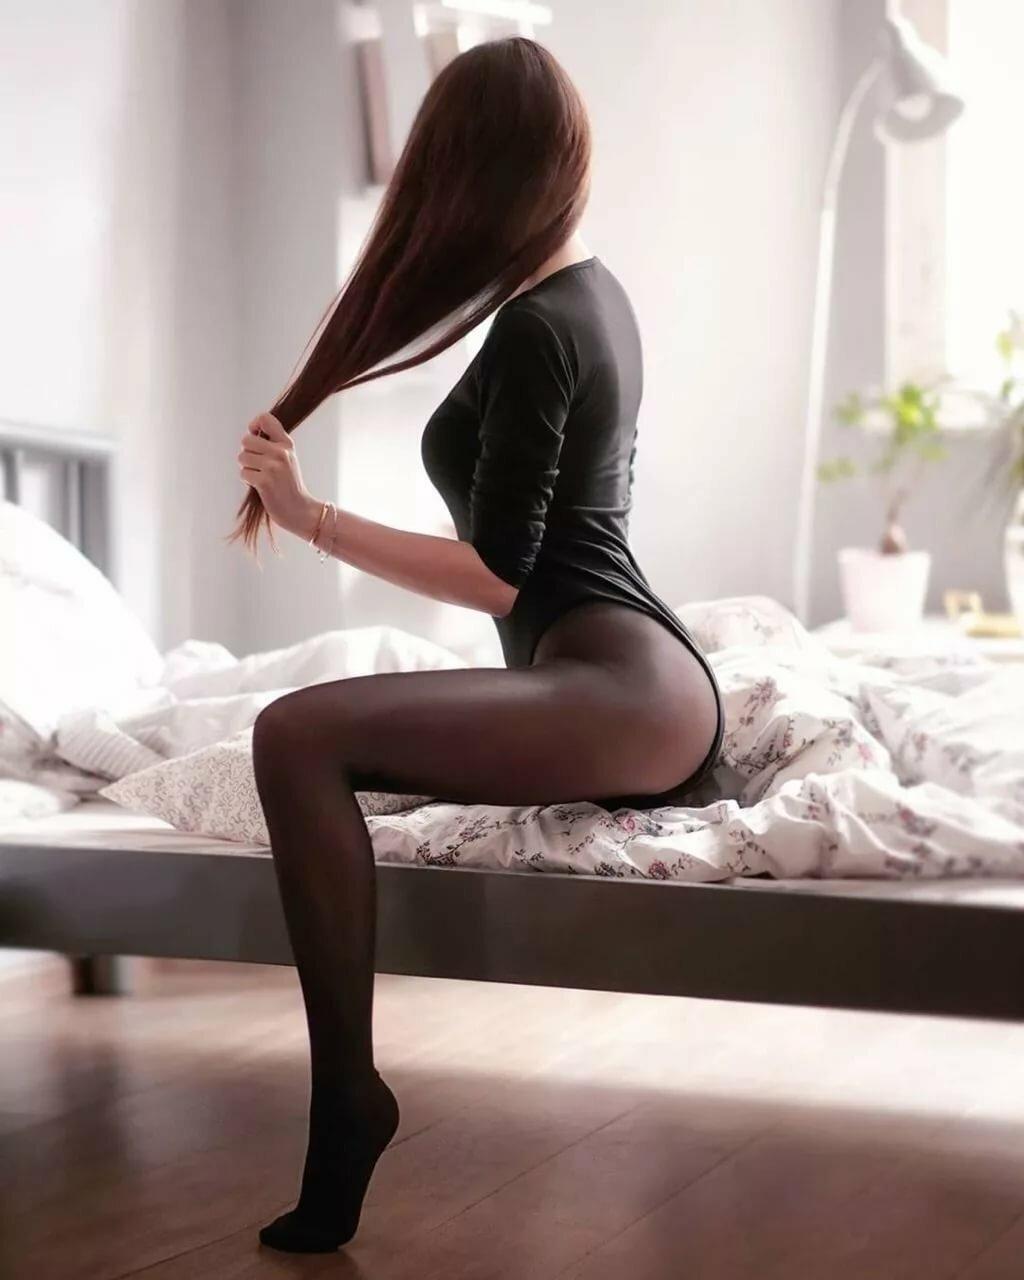 Шикарные девушки в черных колготках: им тепло, нам - приятно ;) 3